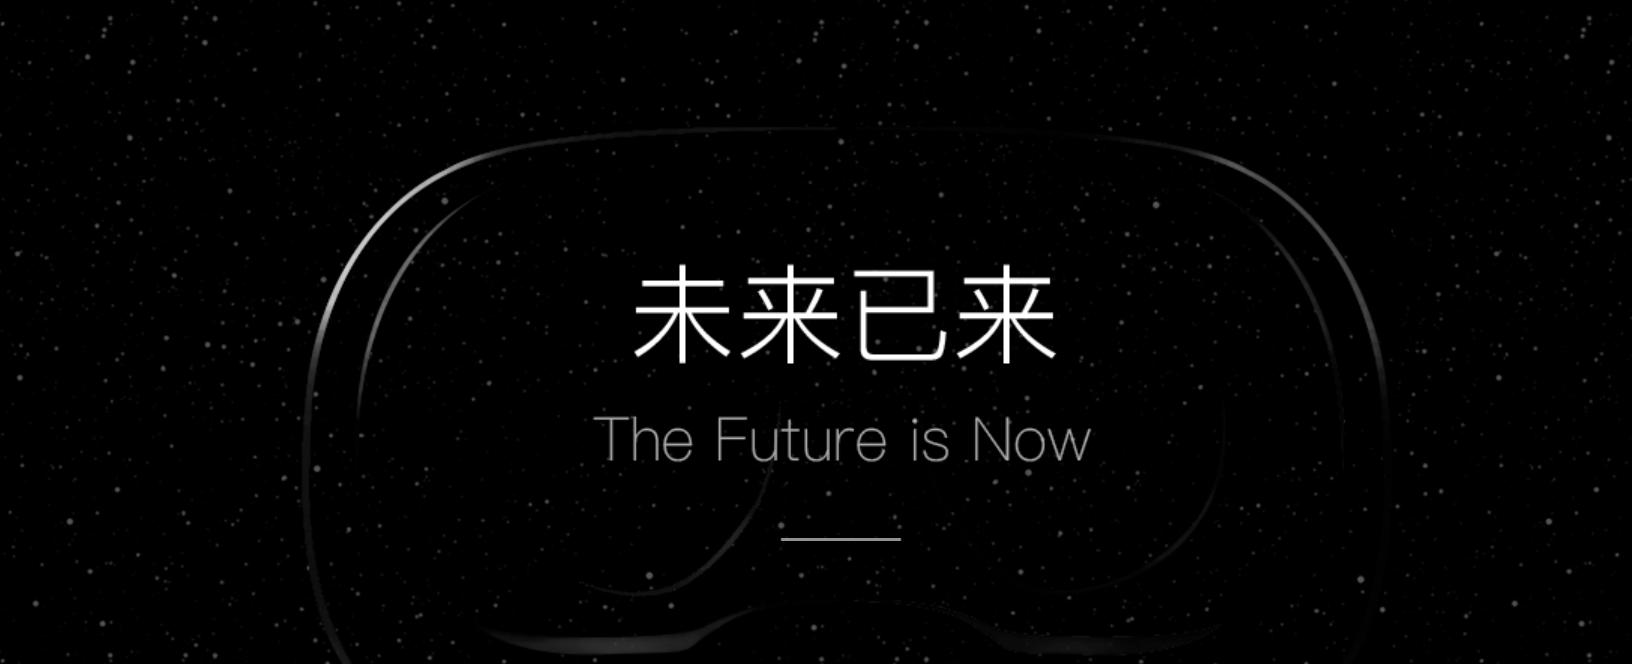 腾讯计划下半年推出VR硬件,创业者有机会吗?